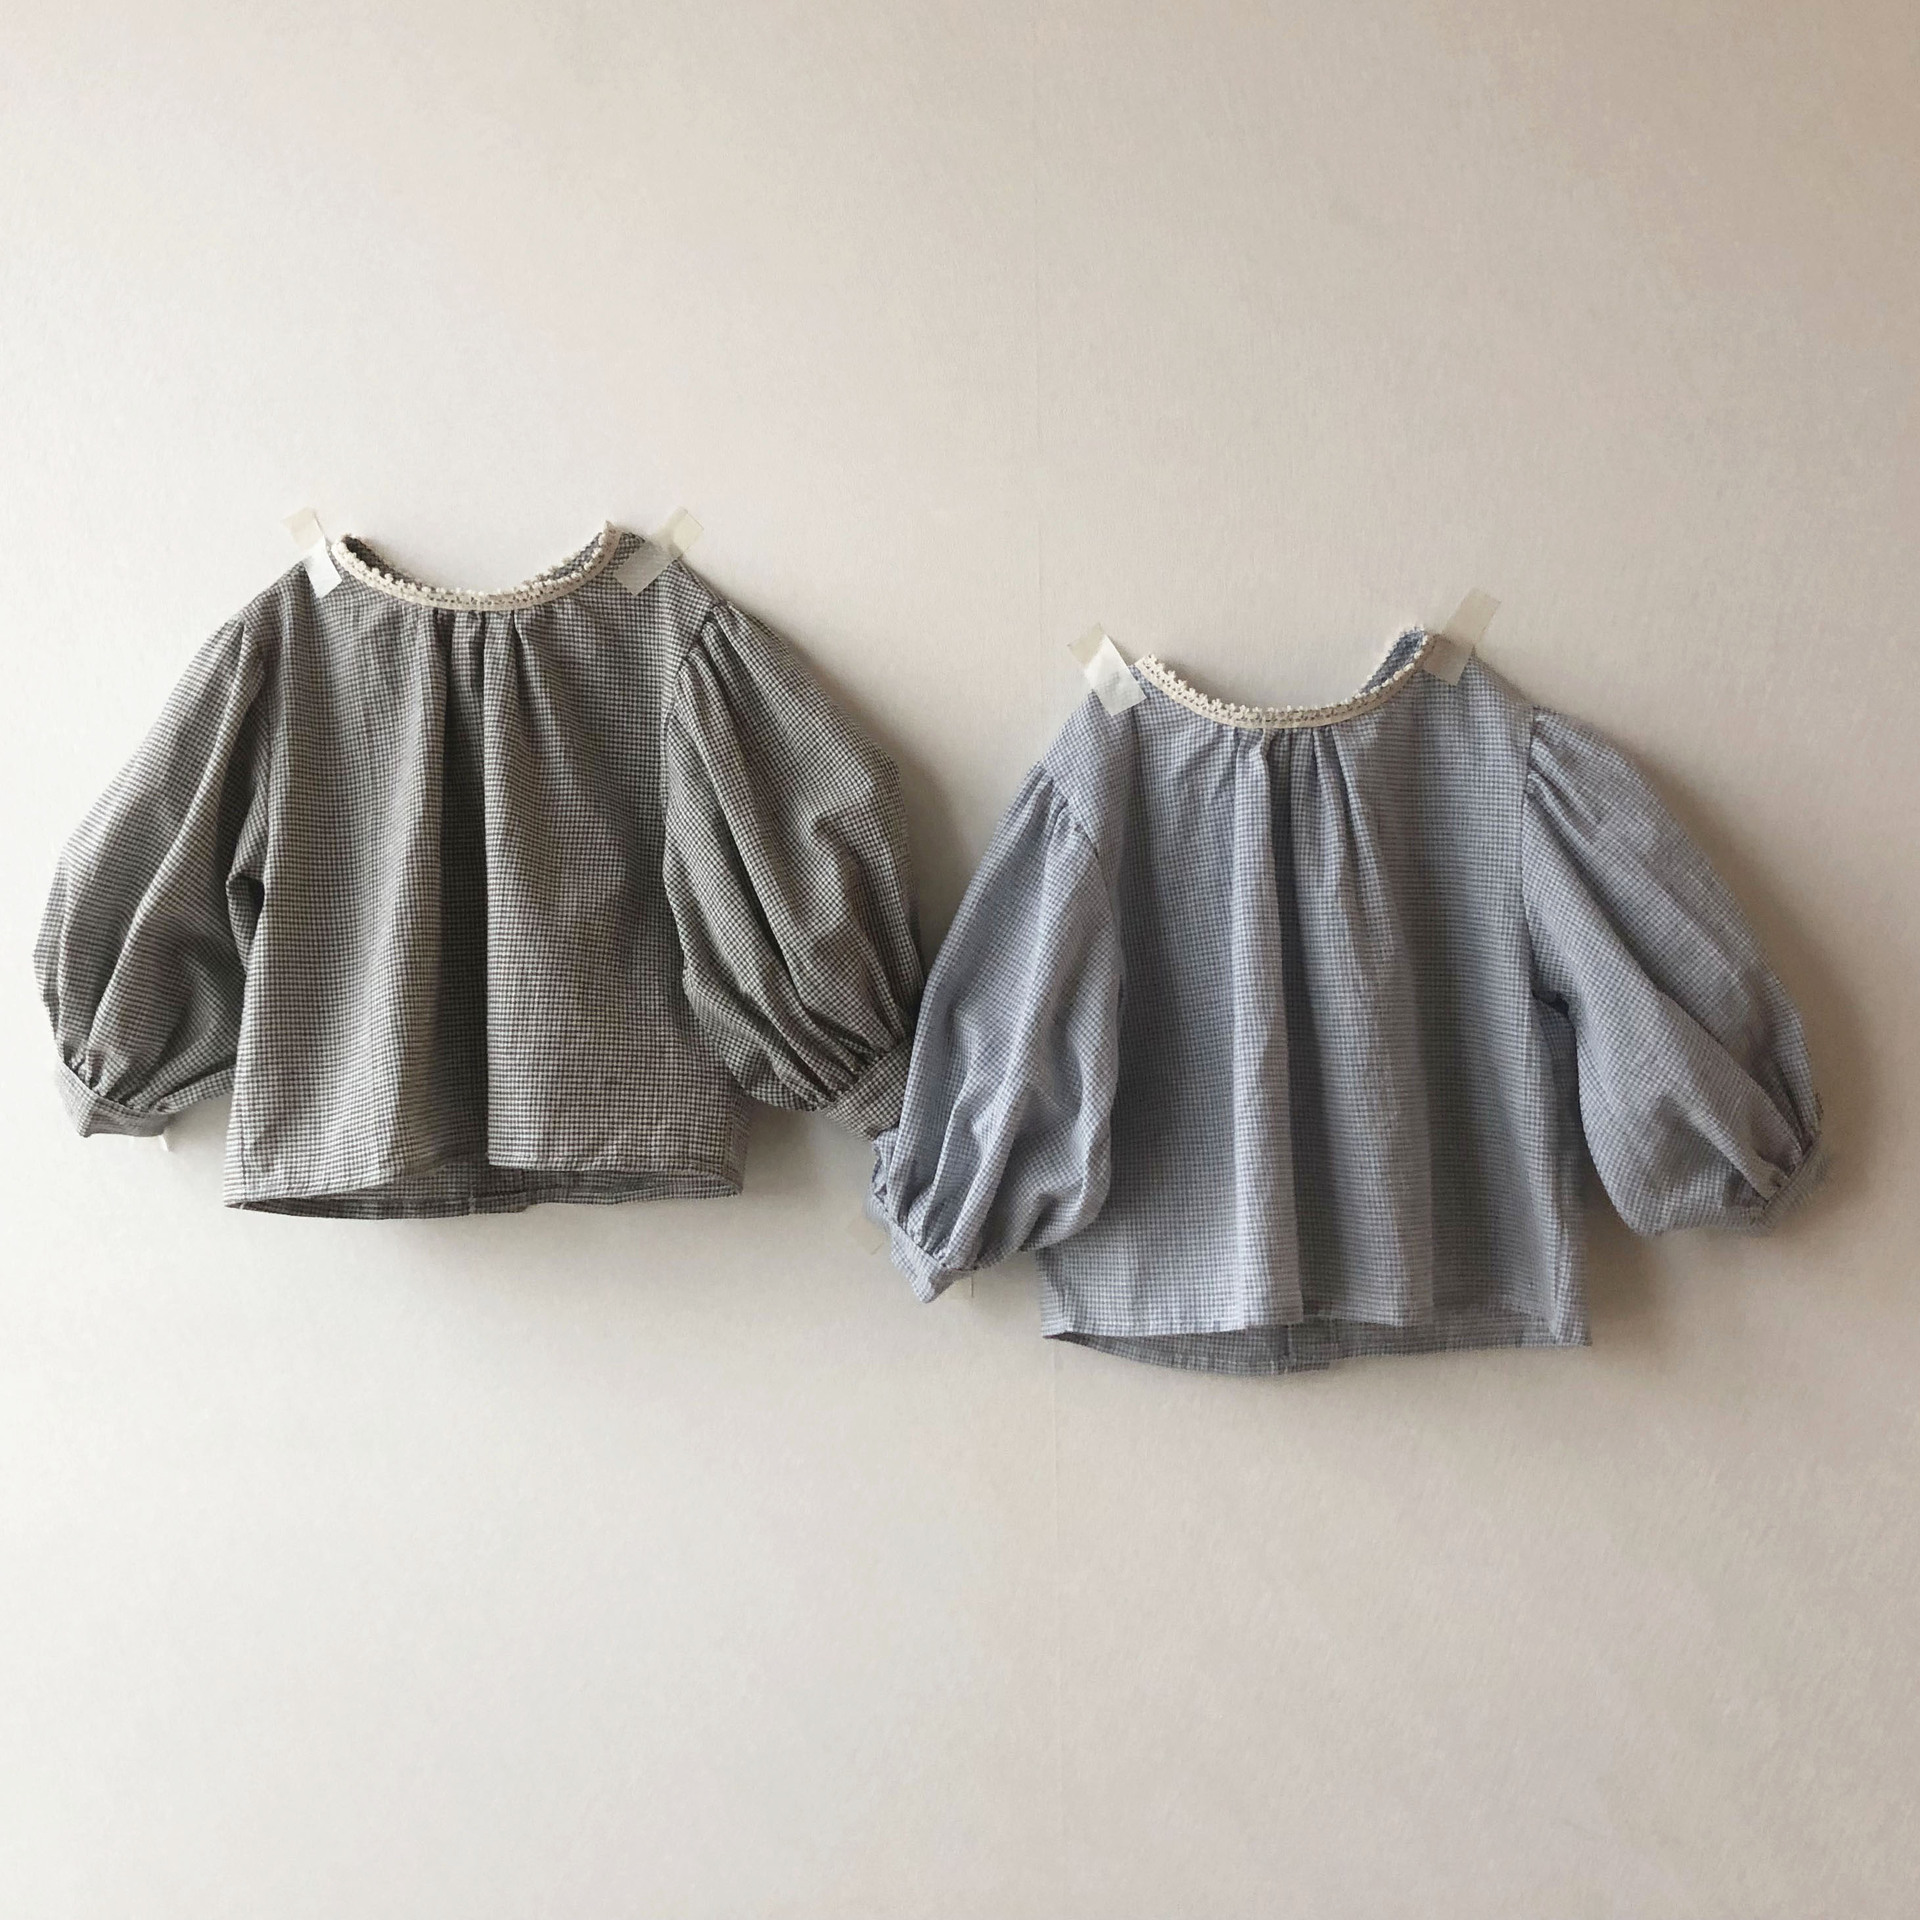 2020 Spring And Summer Childrens Wear Girls Korean Children  Sleeve  Shirt Tops Long Sleeve Shirt